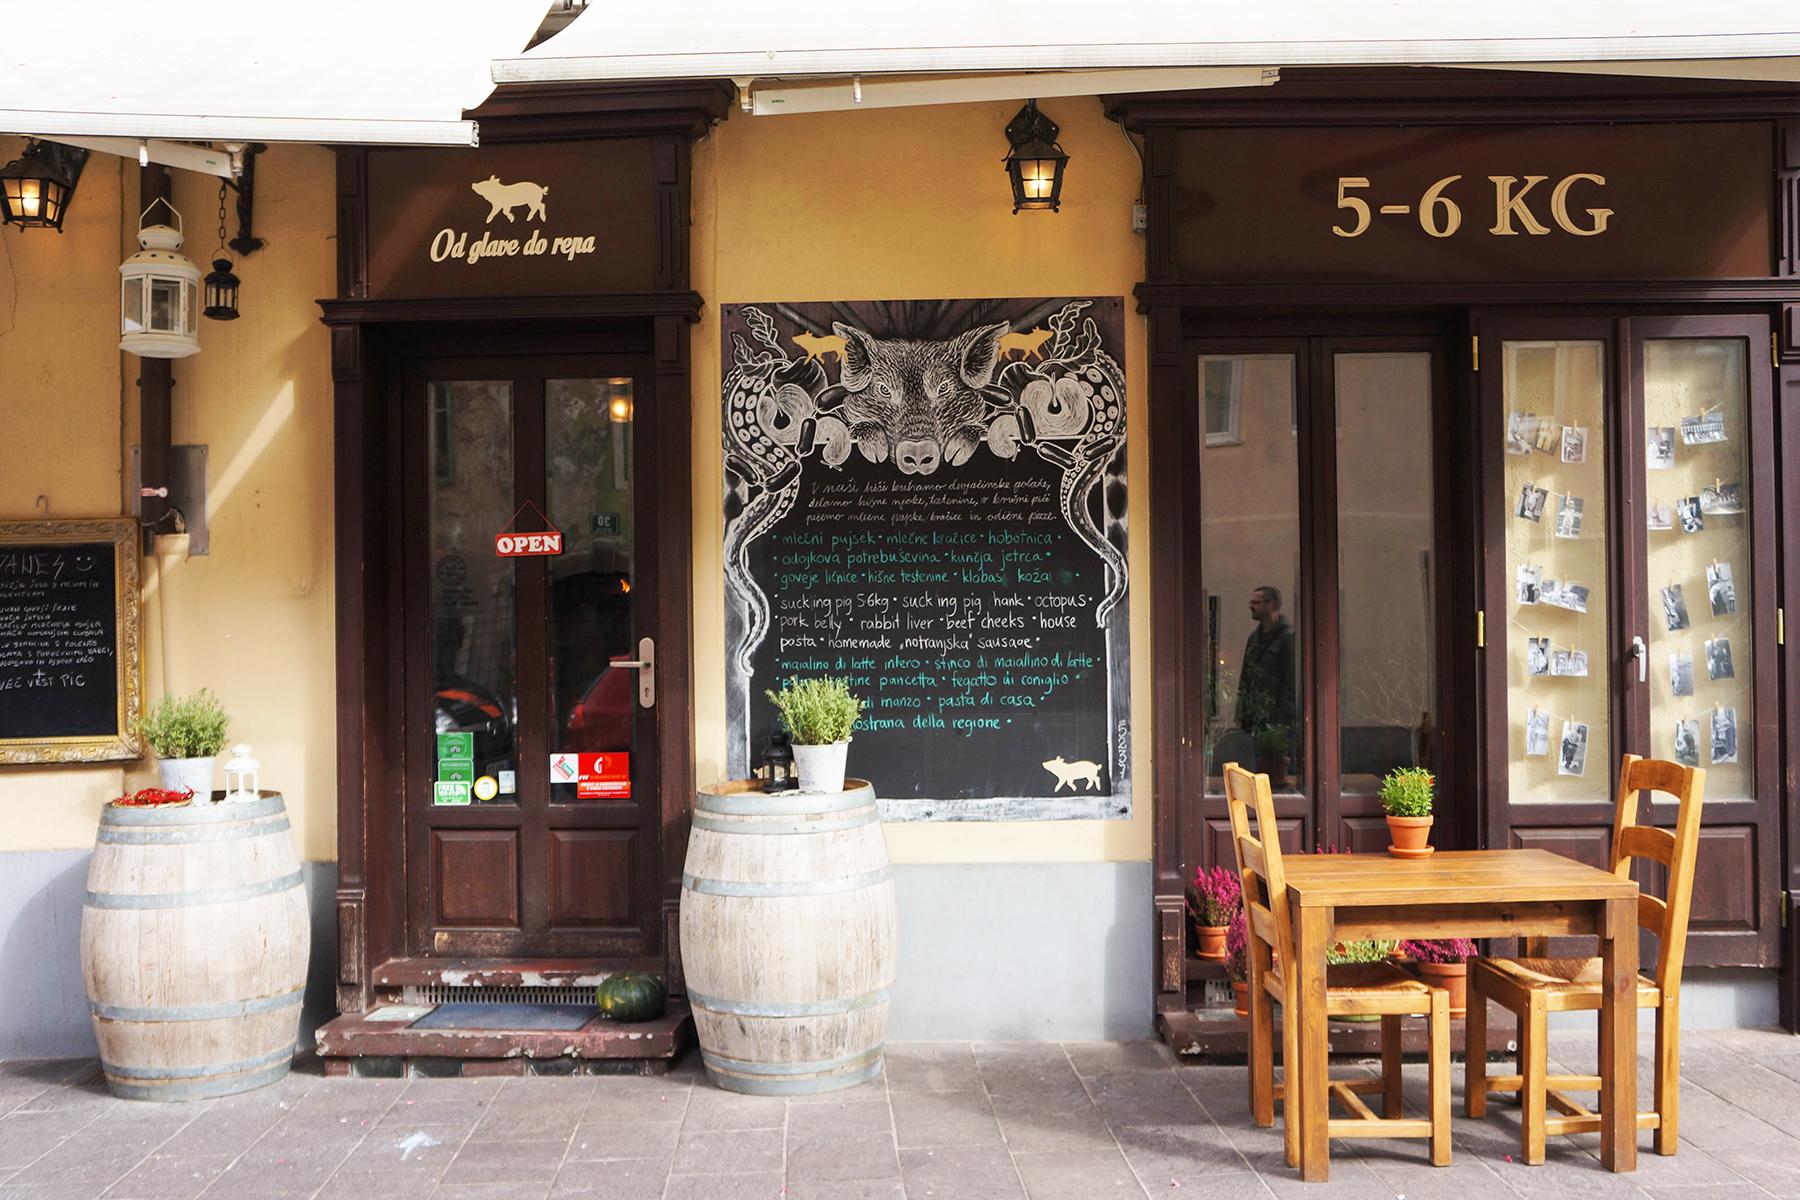 Blog 032: Gostilnica 5-6 kg